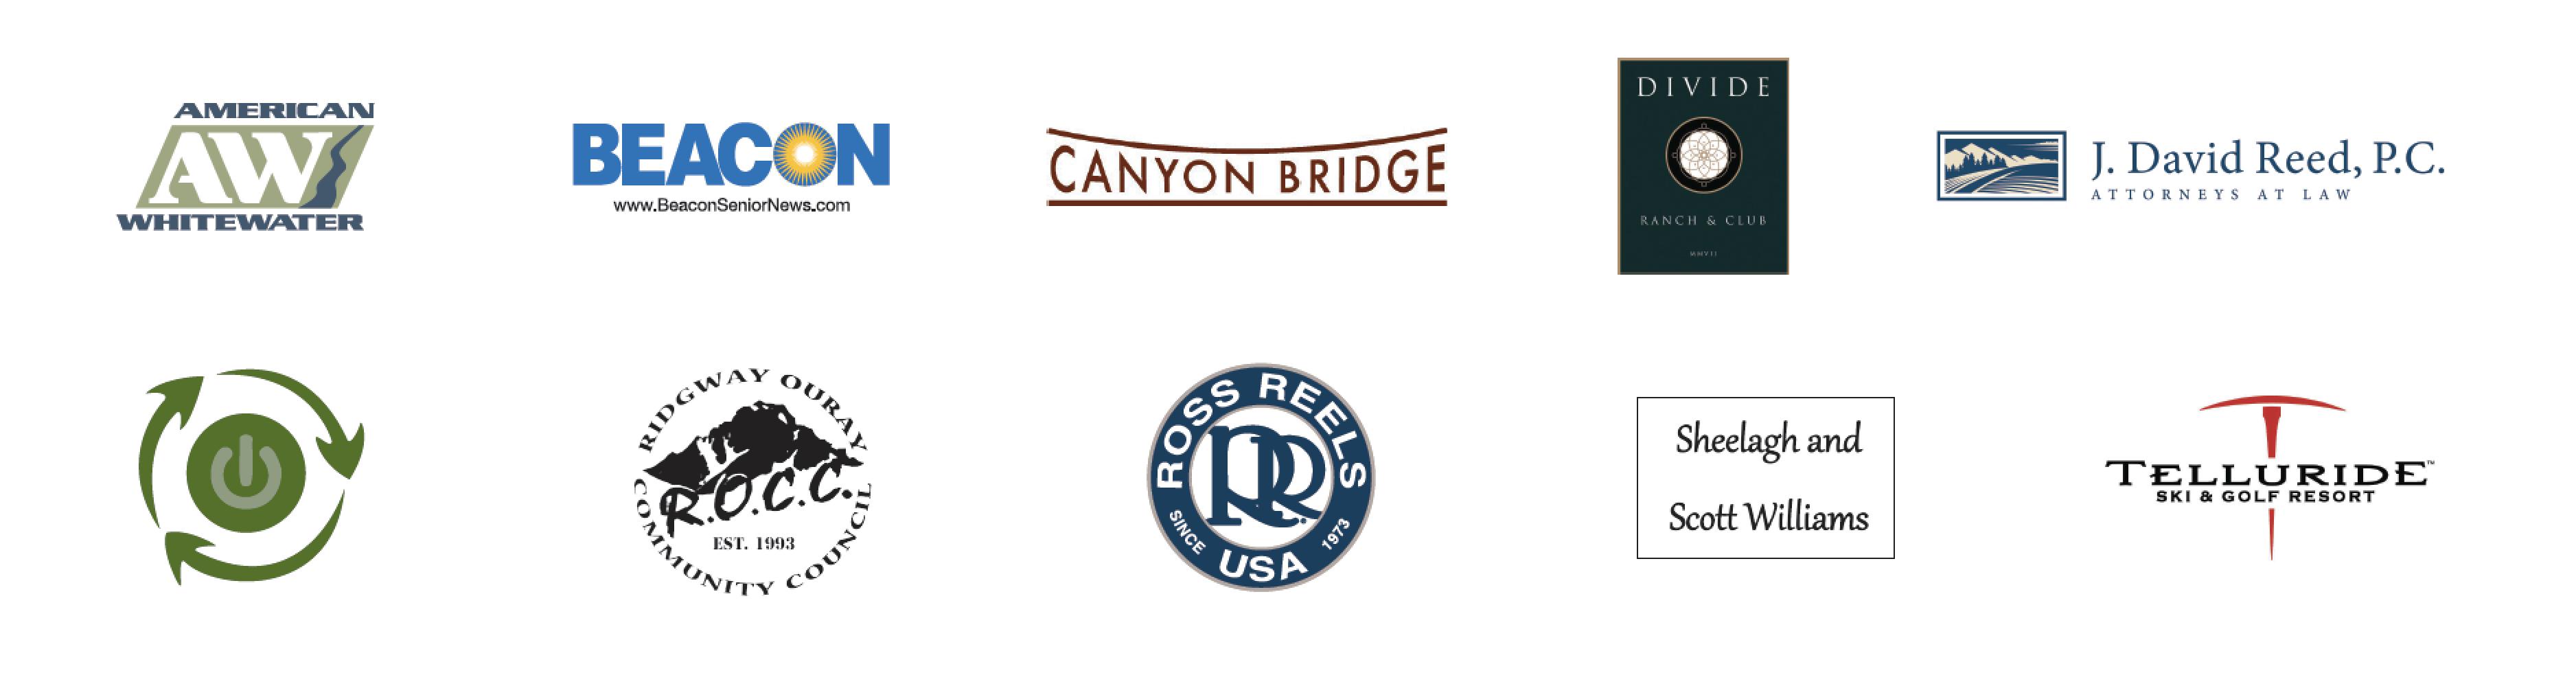 2019 Ridgway RiverFest Sponsors – 13th annual Ridgway RiverFest